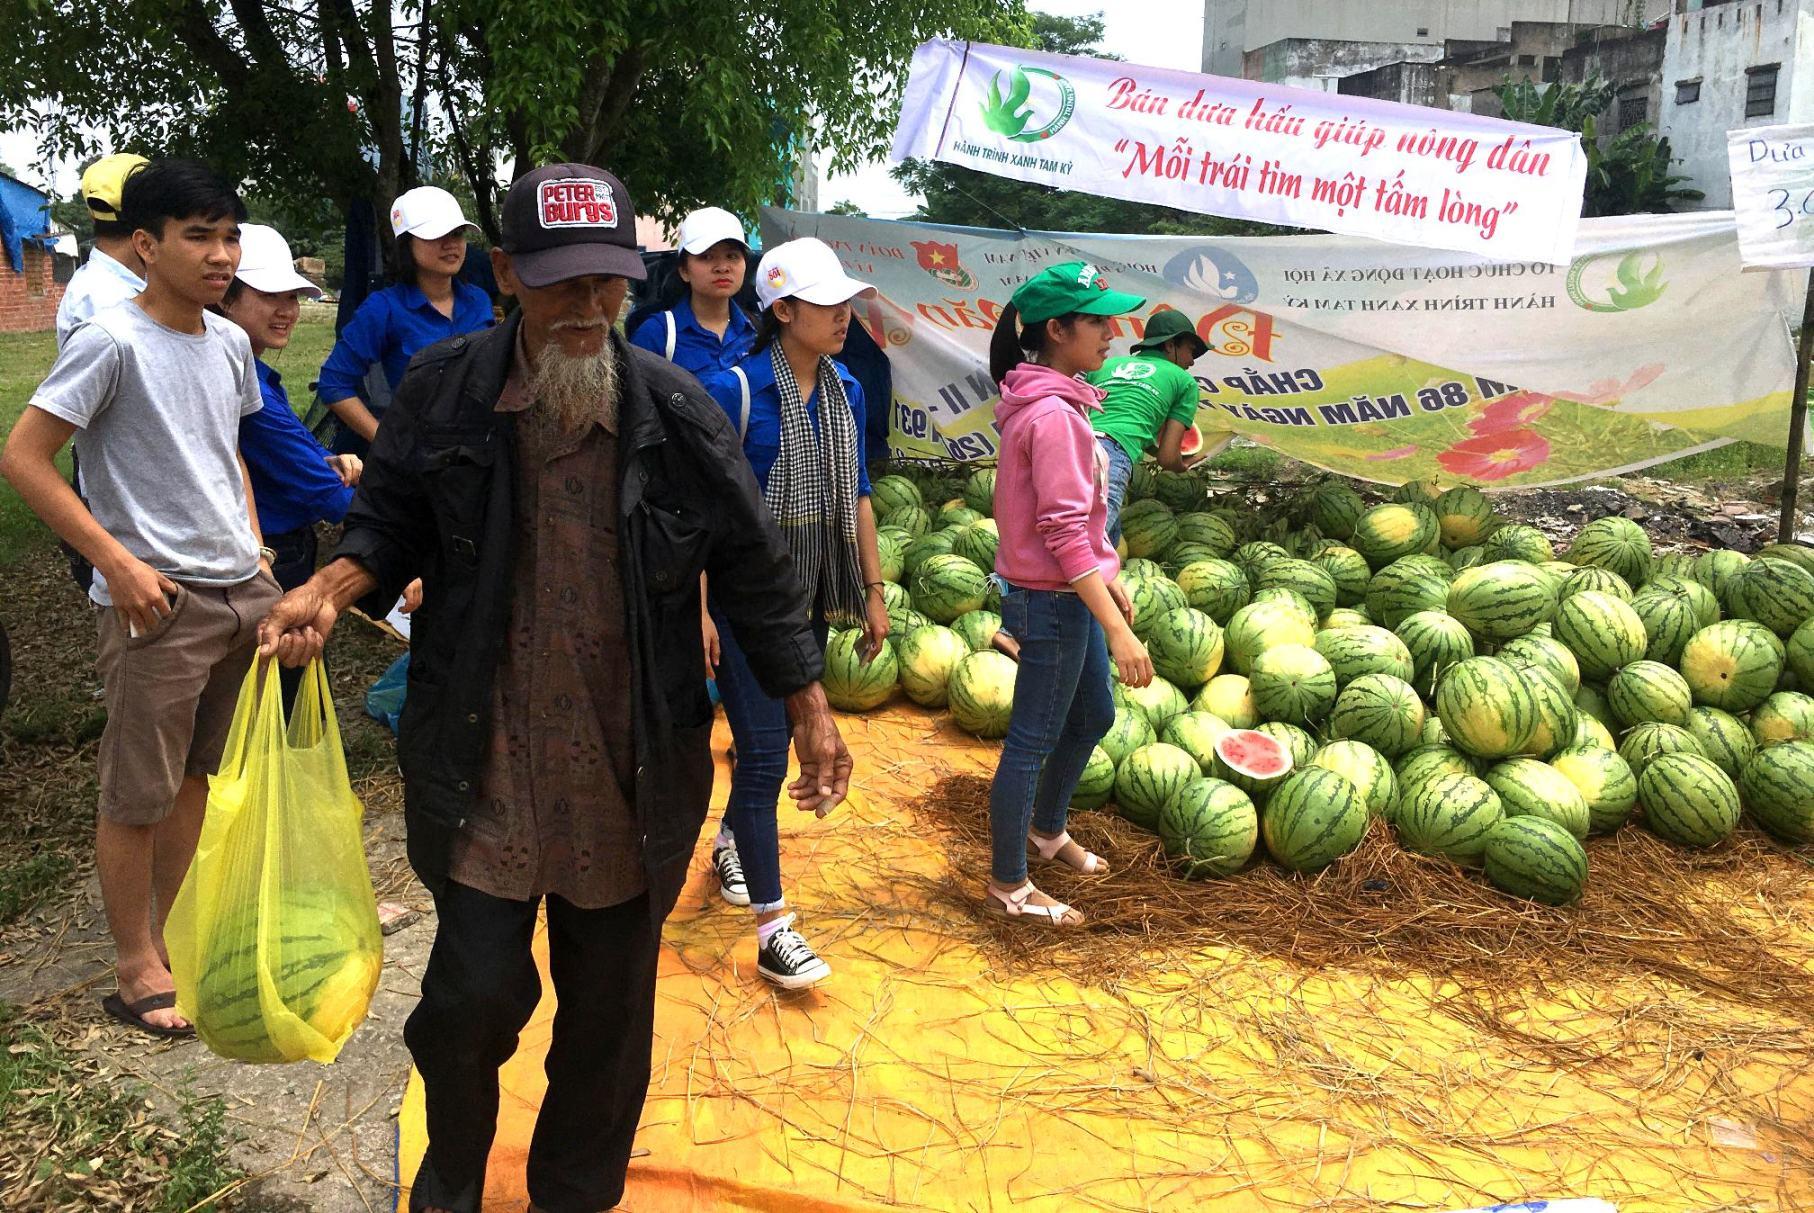 Đây là hành động hết sức ý nghĩa đối với nông dân Quảng Ngãi. Ảnh: PHAN VINH